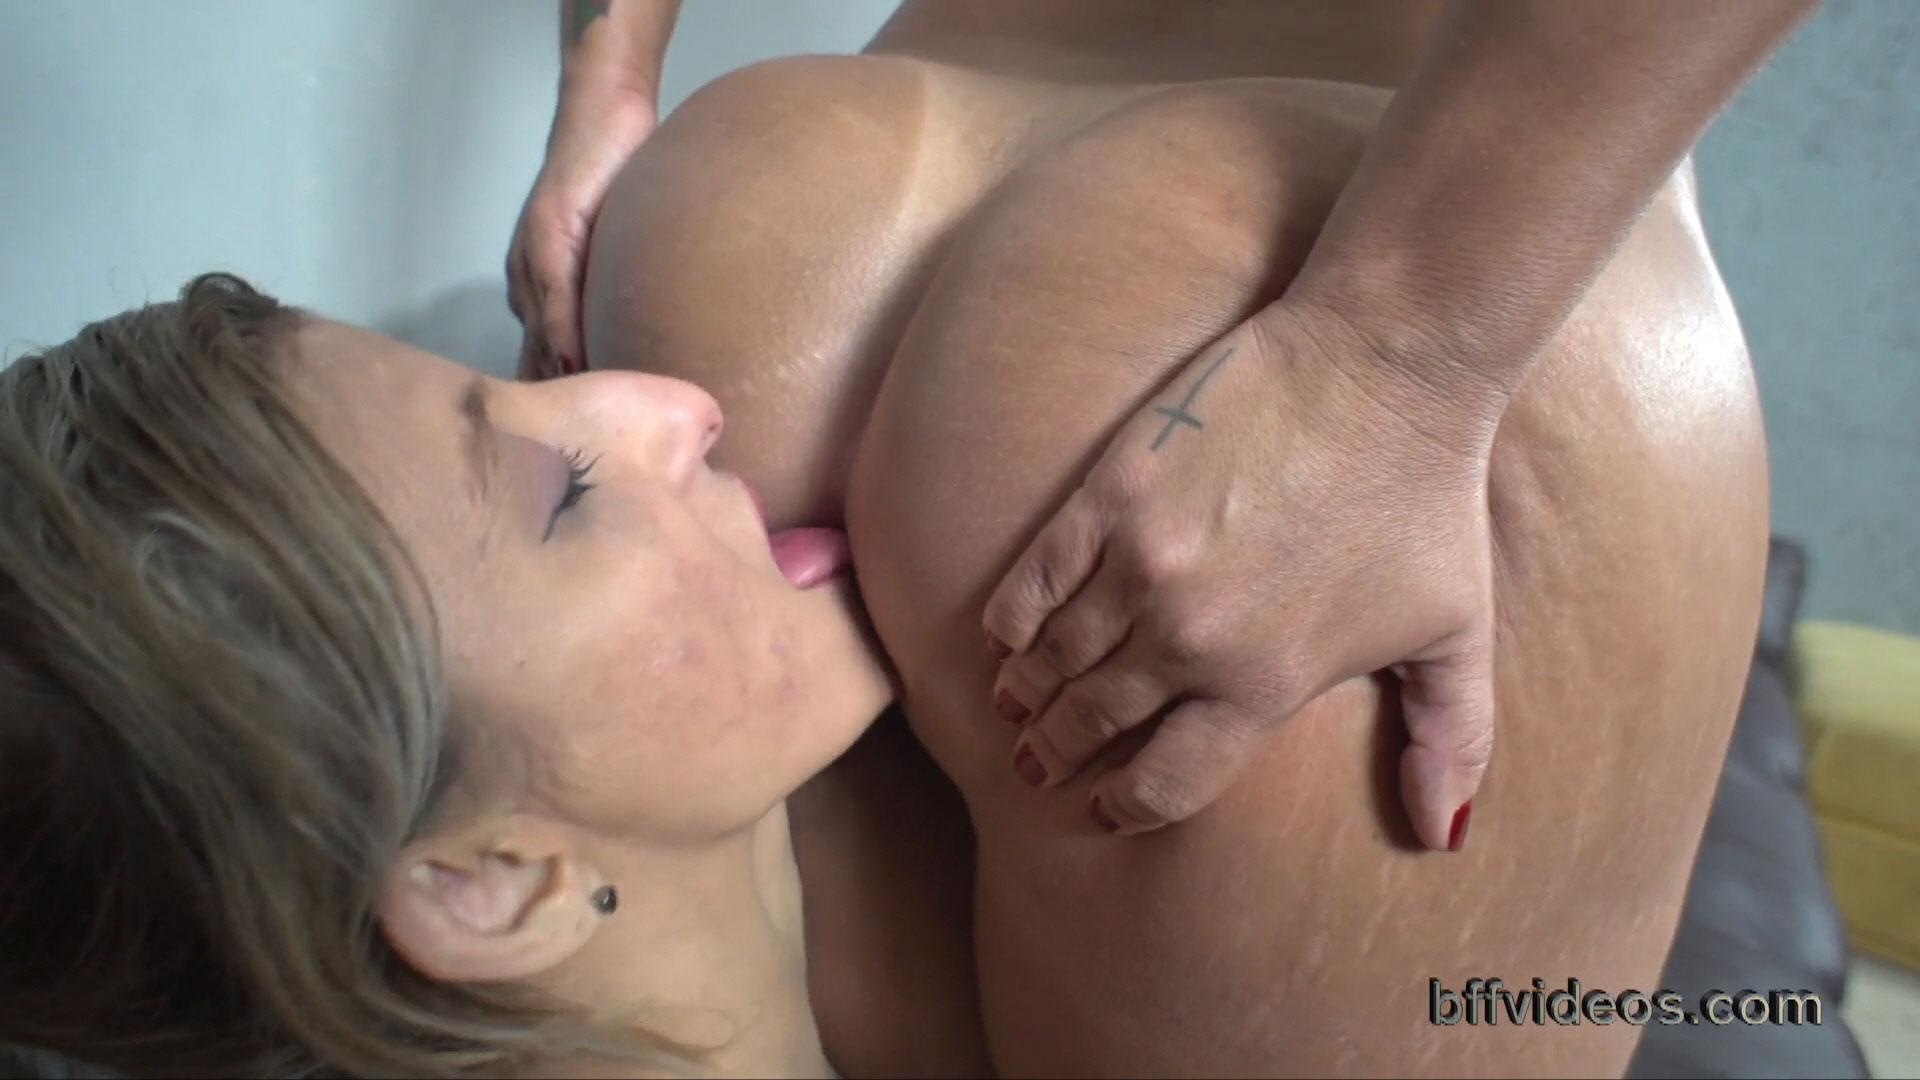 she licks her ass